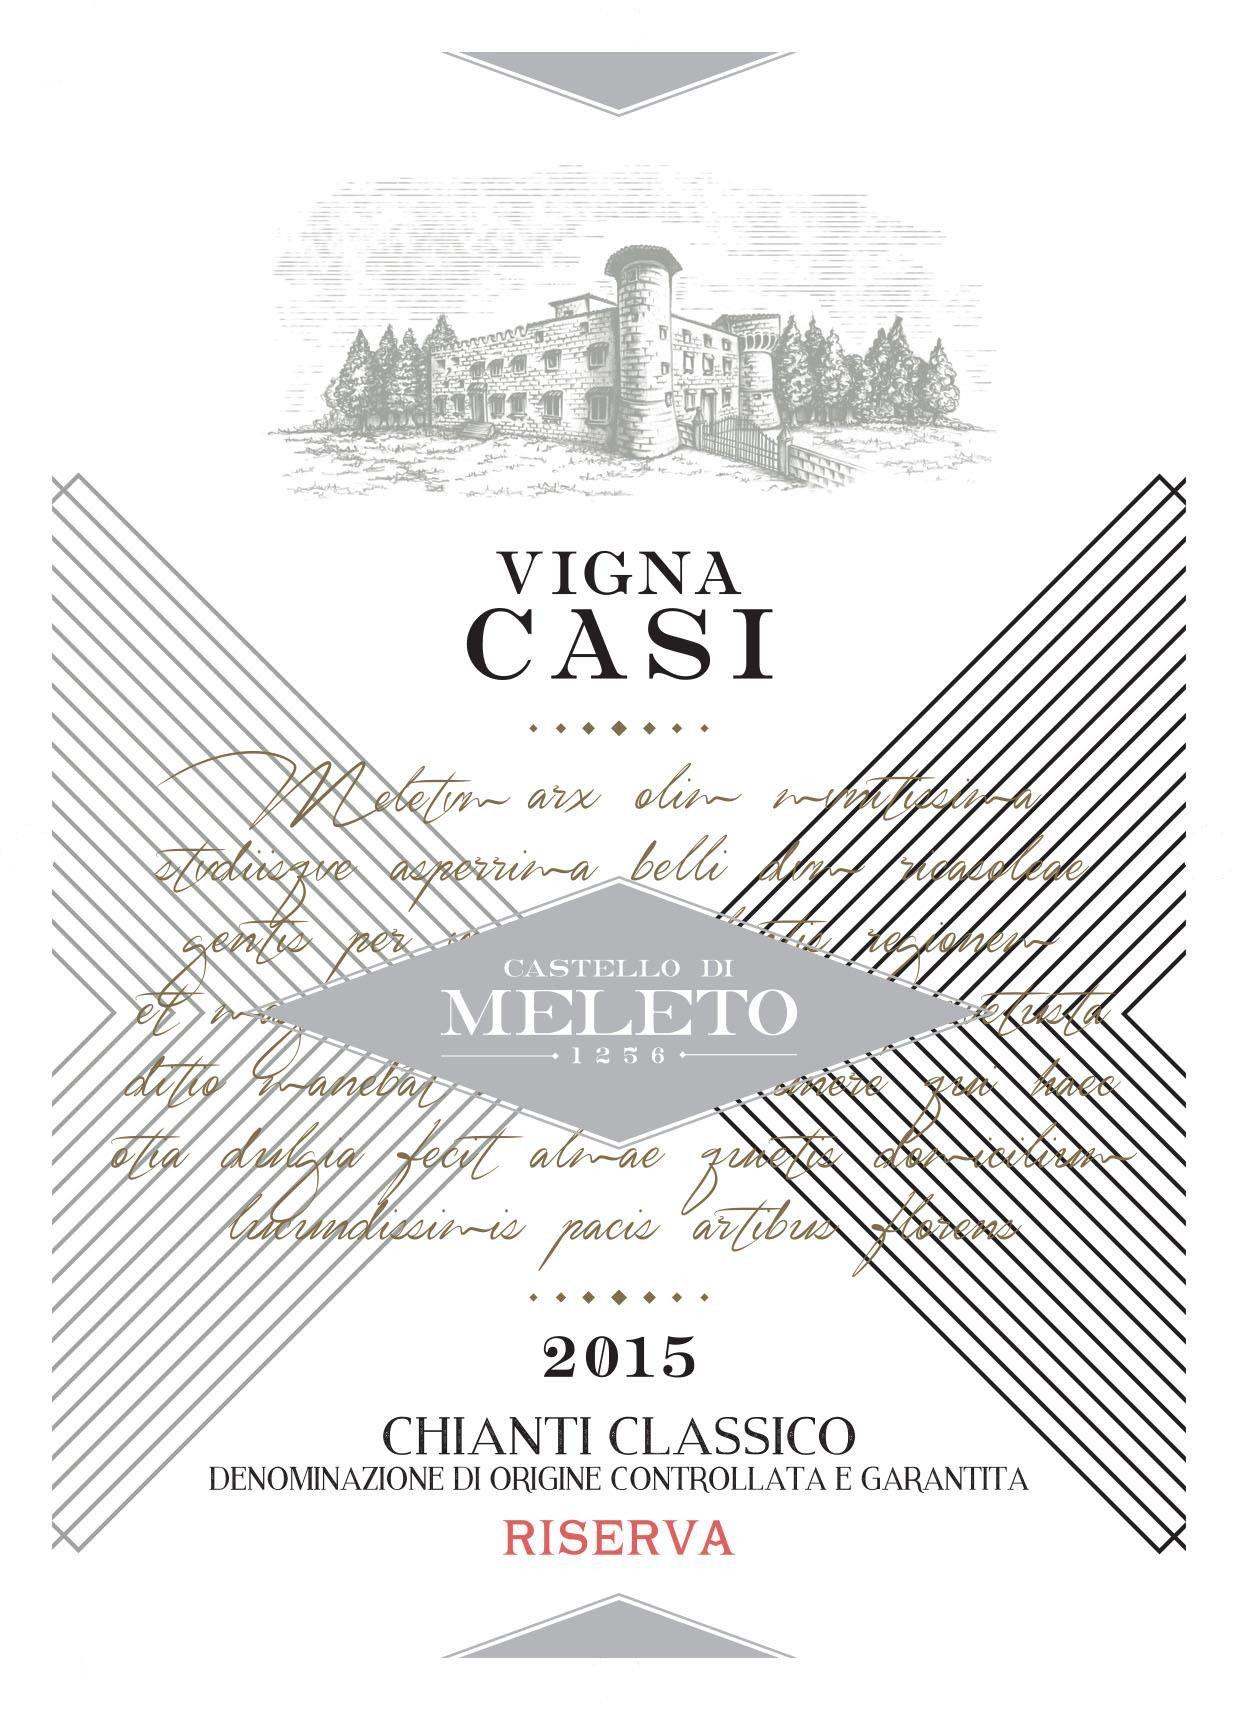 Castello di Meleto Vigna Casi Chianti Classico Riserva 2015